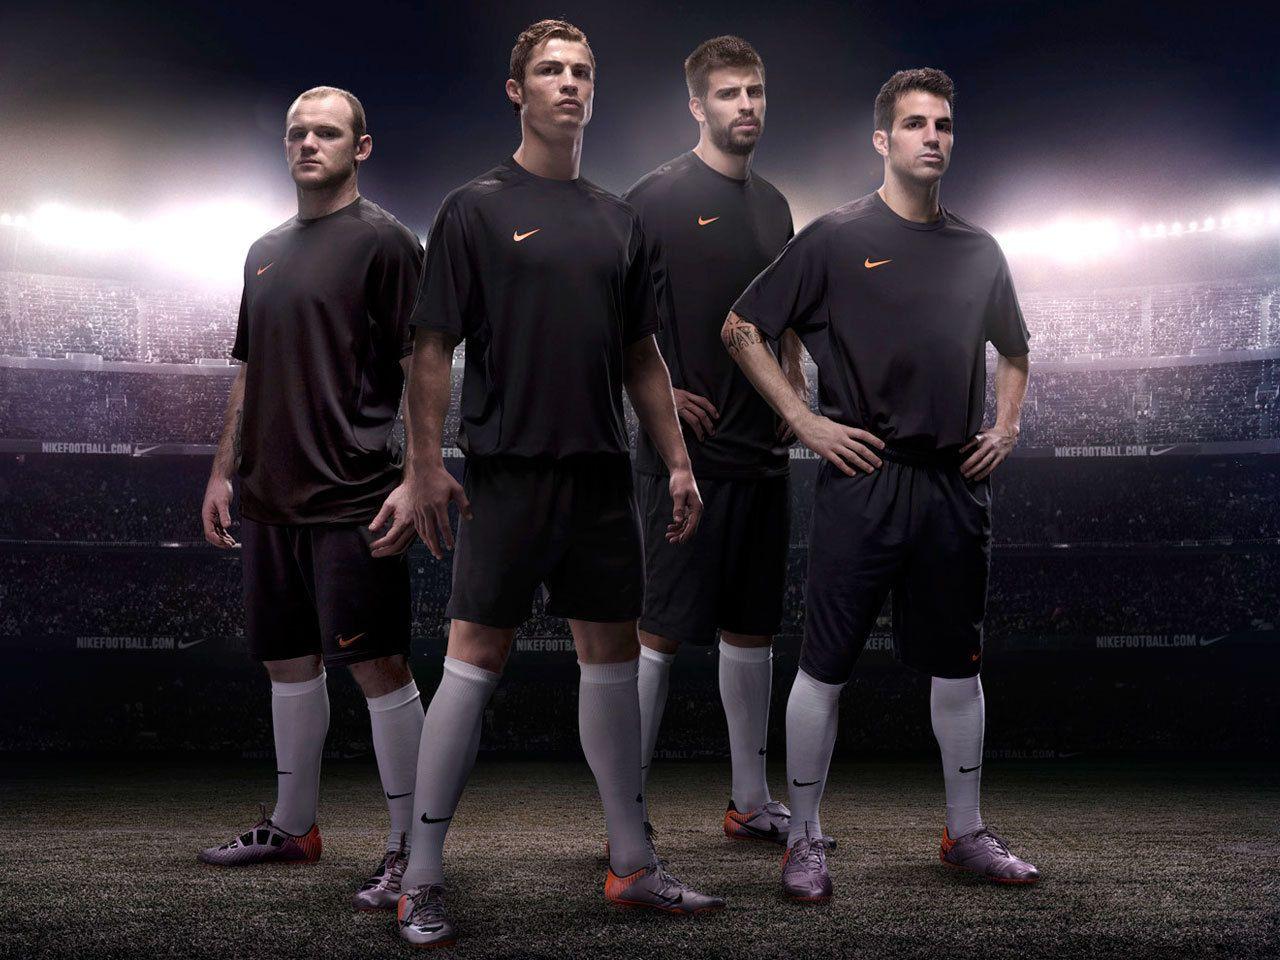 nike soccer wallpaper 2013